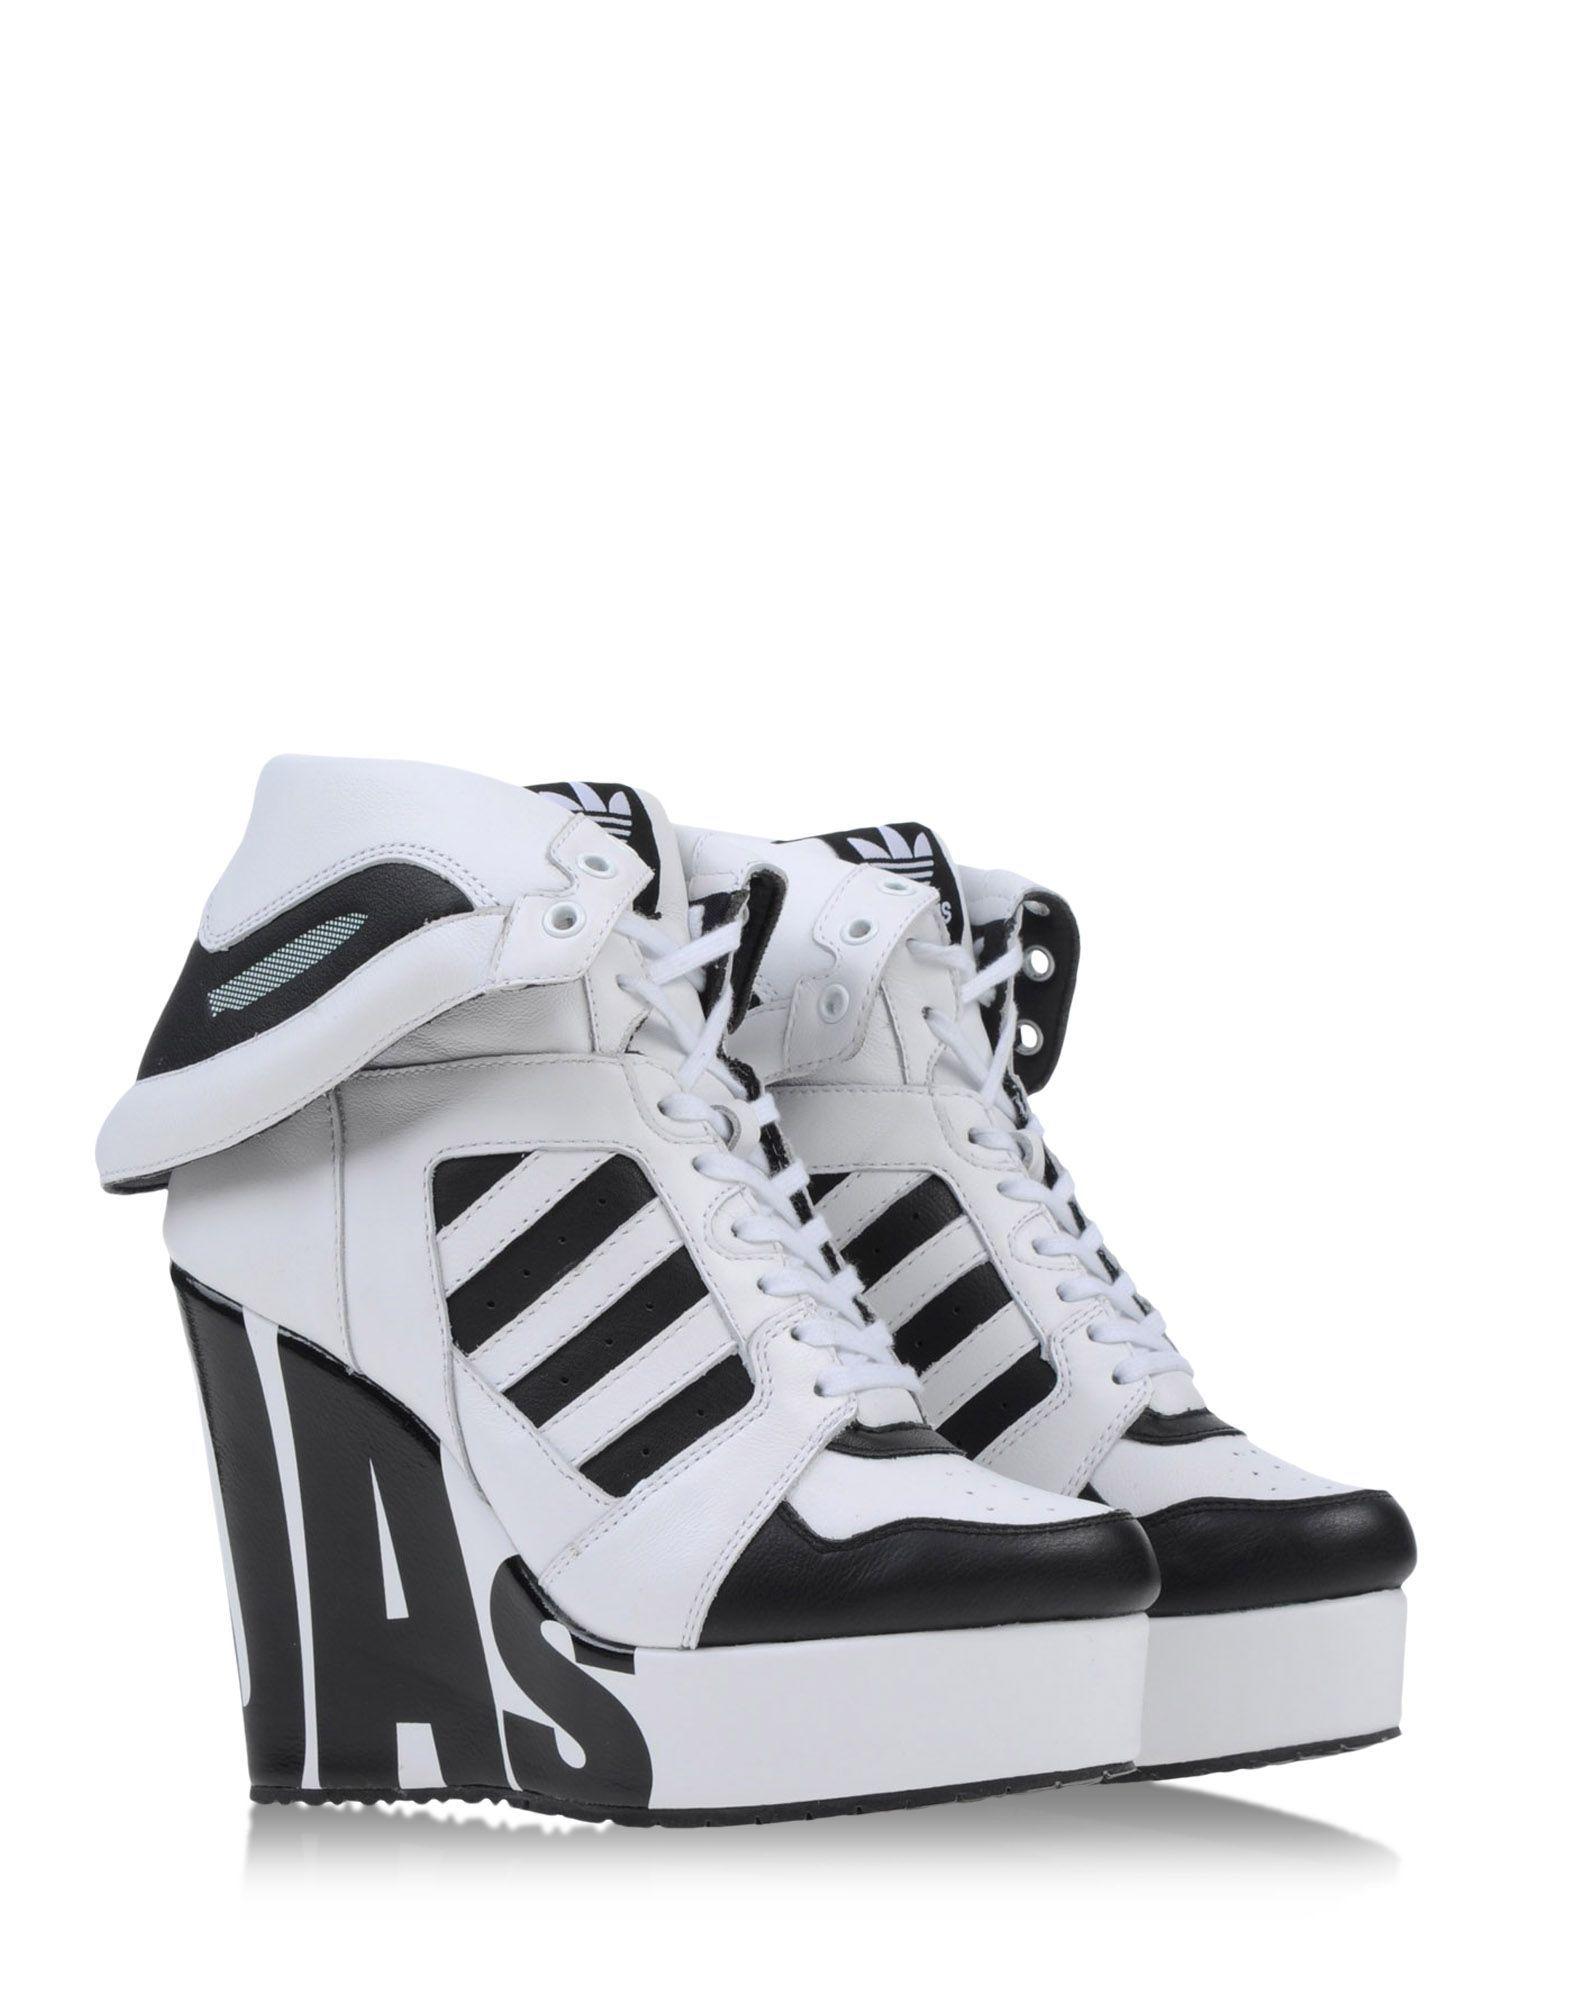 04c10895e2da Bizarros-Adidas x Jeremy Scott